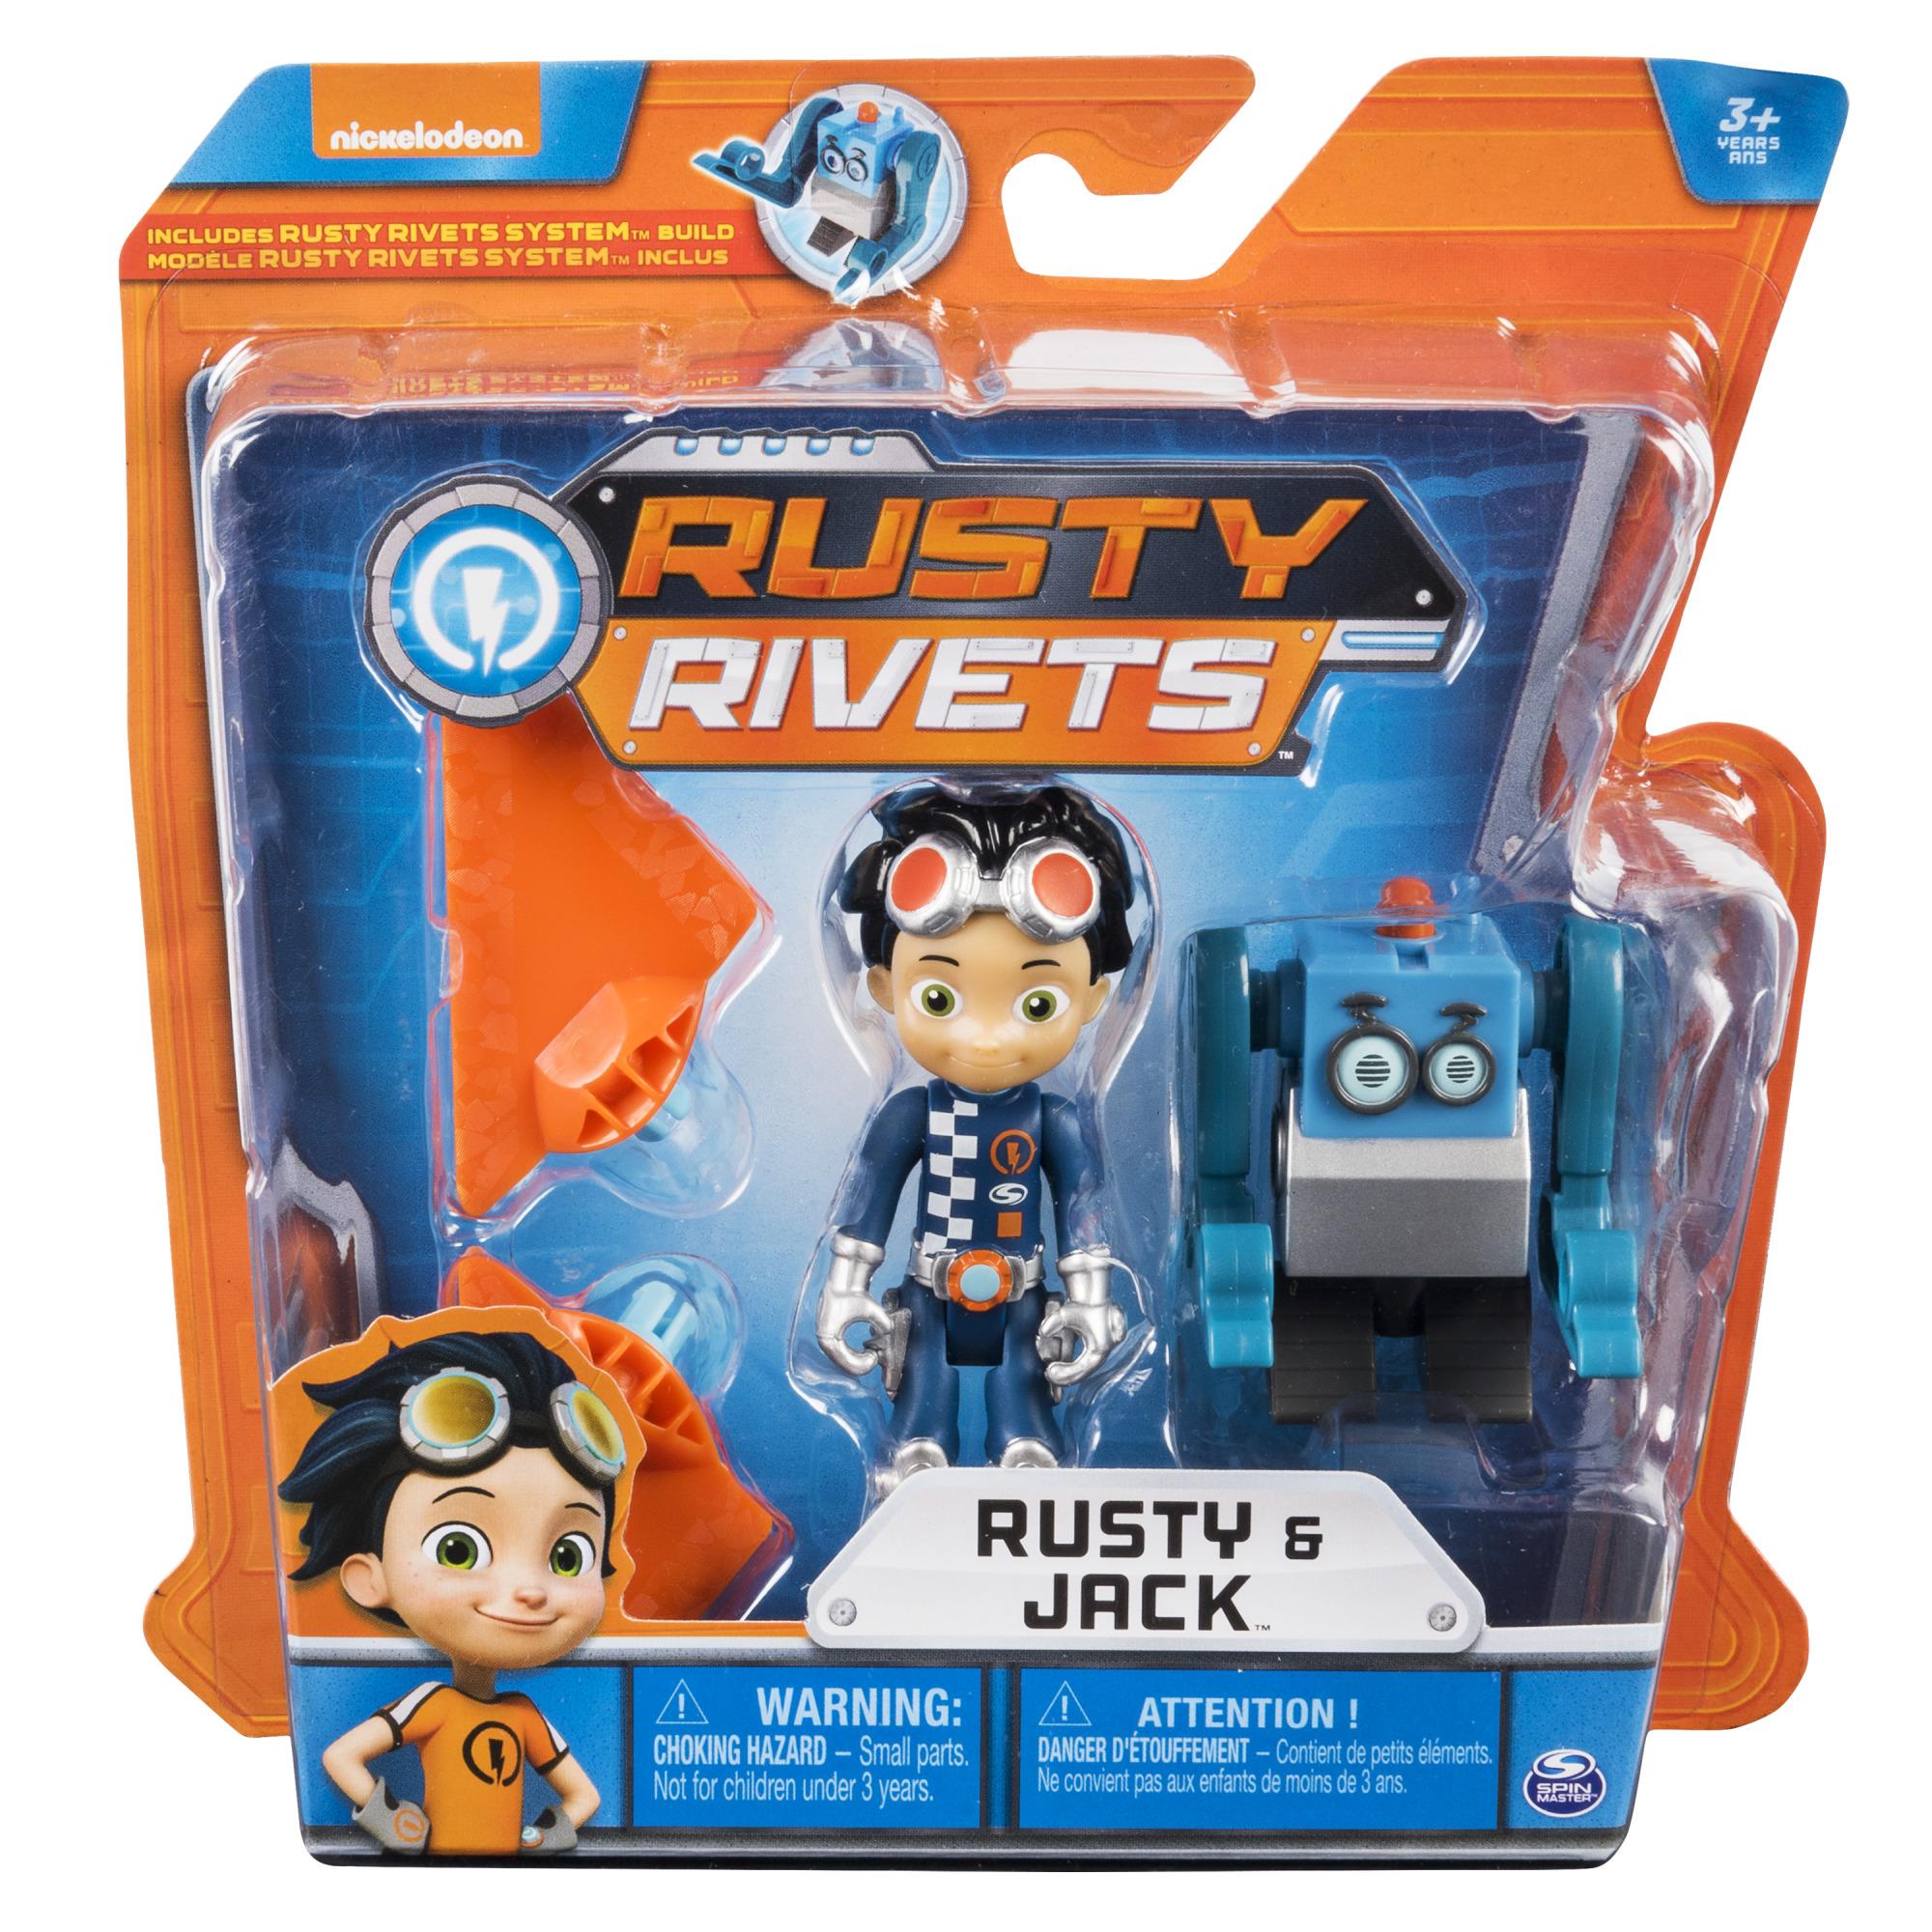 Строительный набор Rusty Rivets, маленький, с фигуркой героя